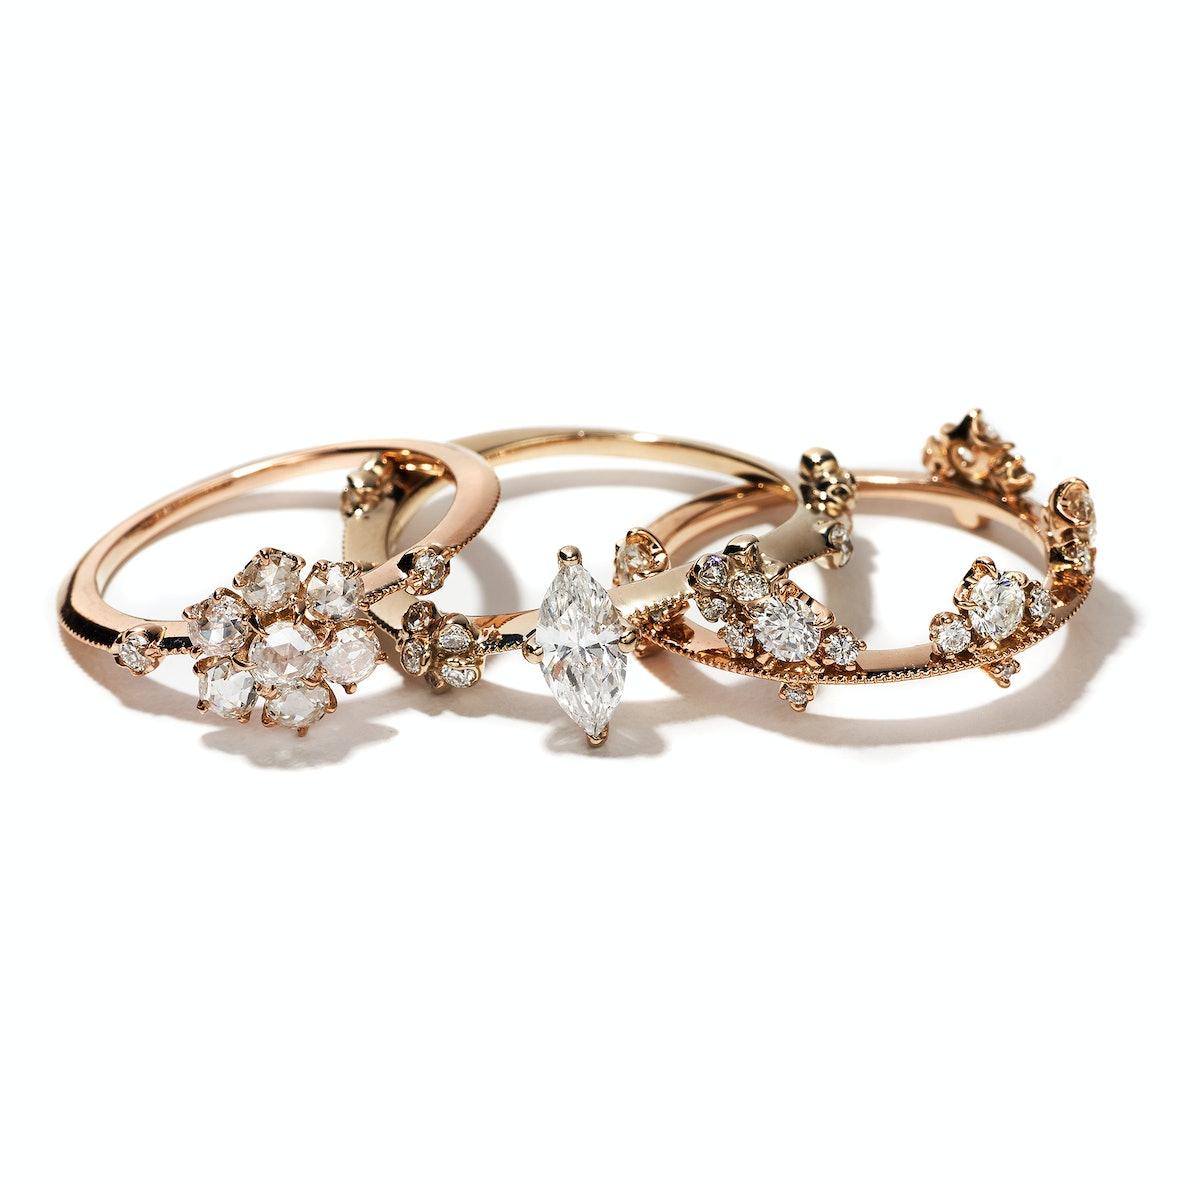 Yoshinobu Kataoka gold and diamond rings